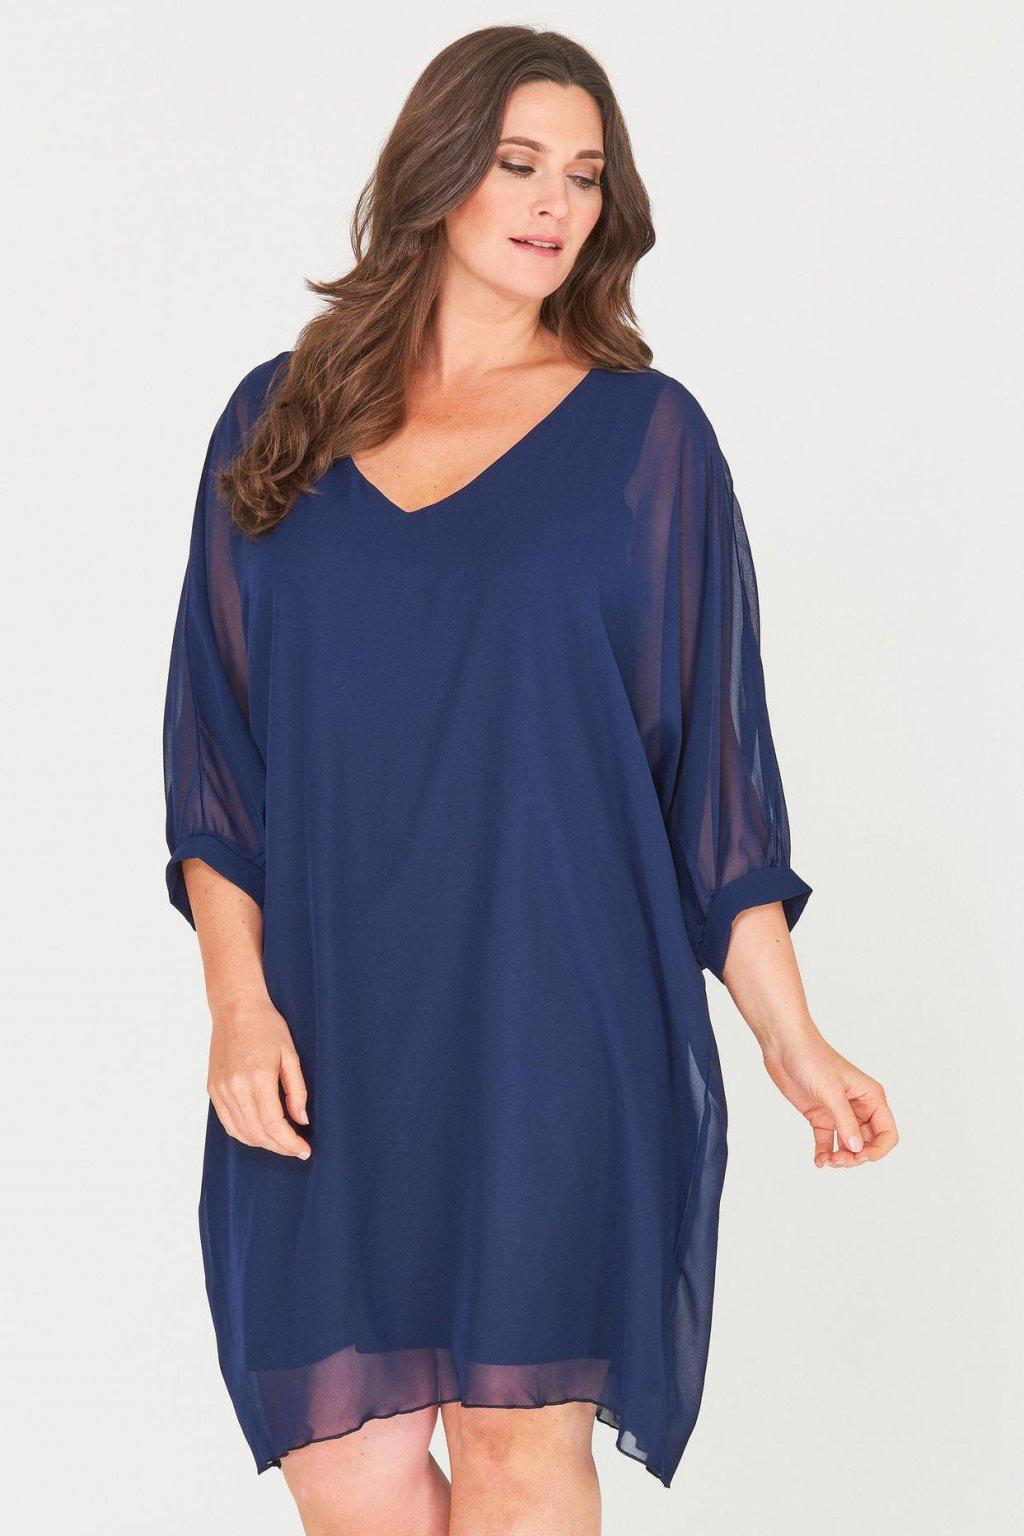 Romantické šaty Parker tmavě modré 1